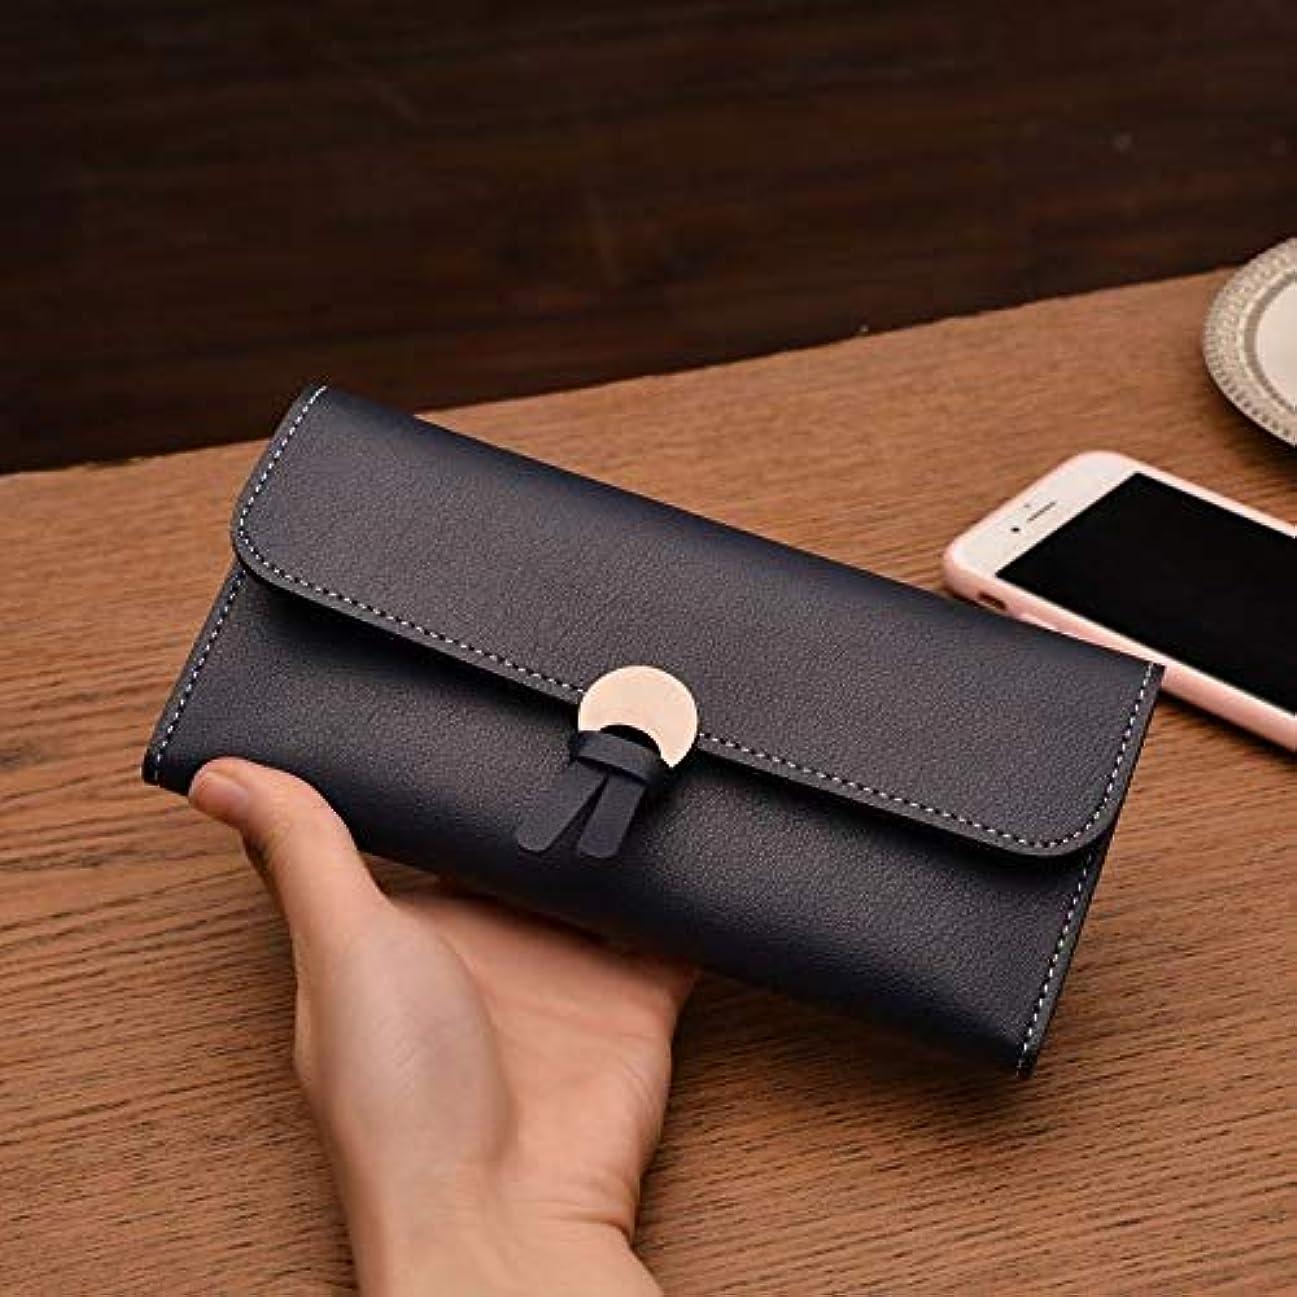 努力するスプレーバッフルファッション > レディース > バッグ?財布 > 財布/Women PU Leather Clutch Wallet Long Card Holder Case Purse Bag Handbag Fashion